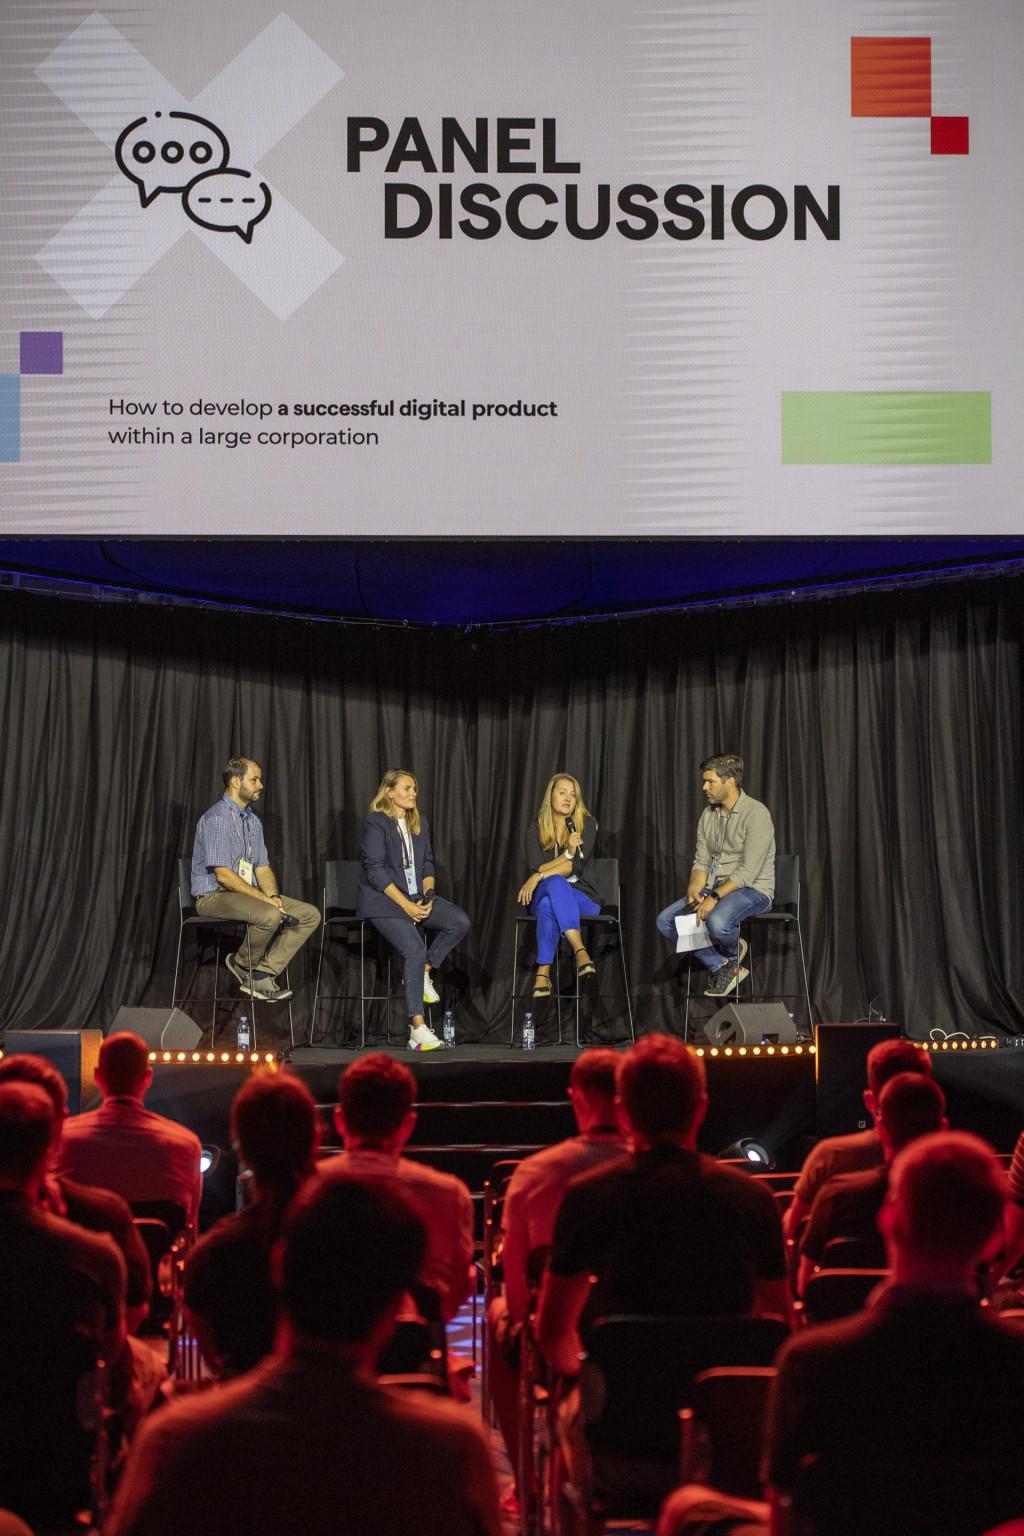 Panel diskusija na kojoj su sudjelovali Fedor Bauer (Erste Banka), Ana Zovko (Croatia osiguranje), Ivana Budin Arhanić (Vallmar) i moderator Nikola Vrdoljak (404)<br />